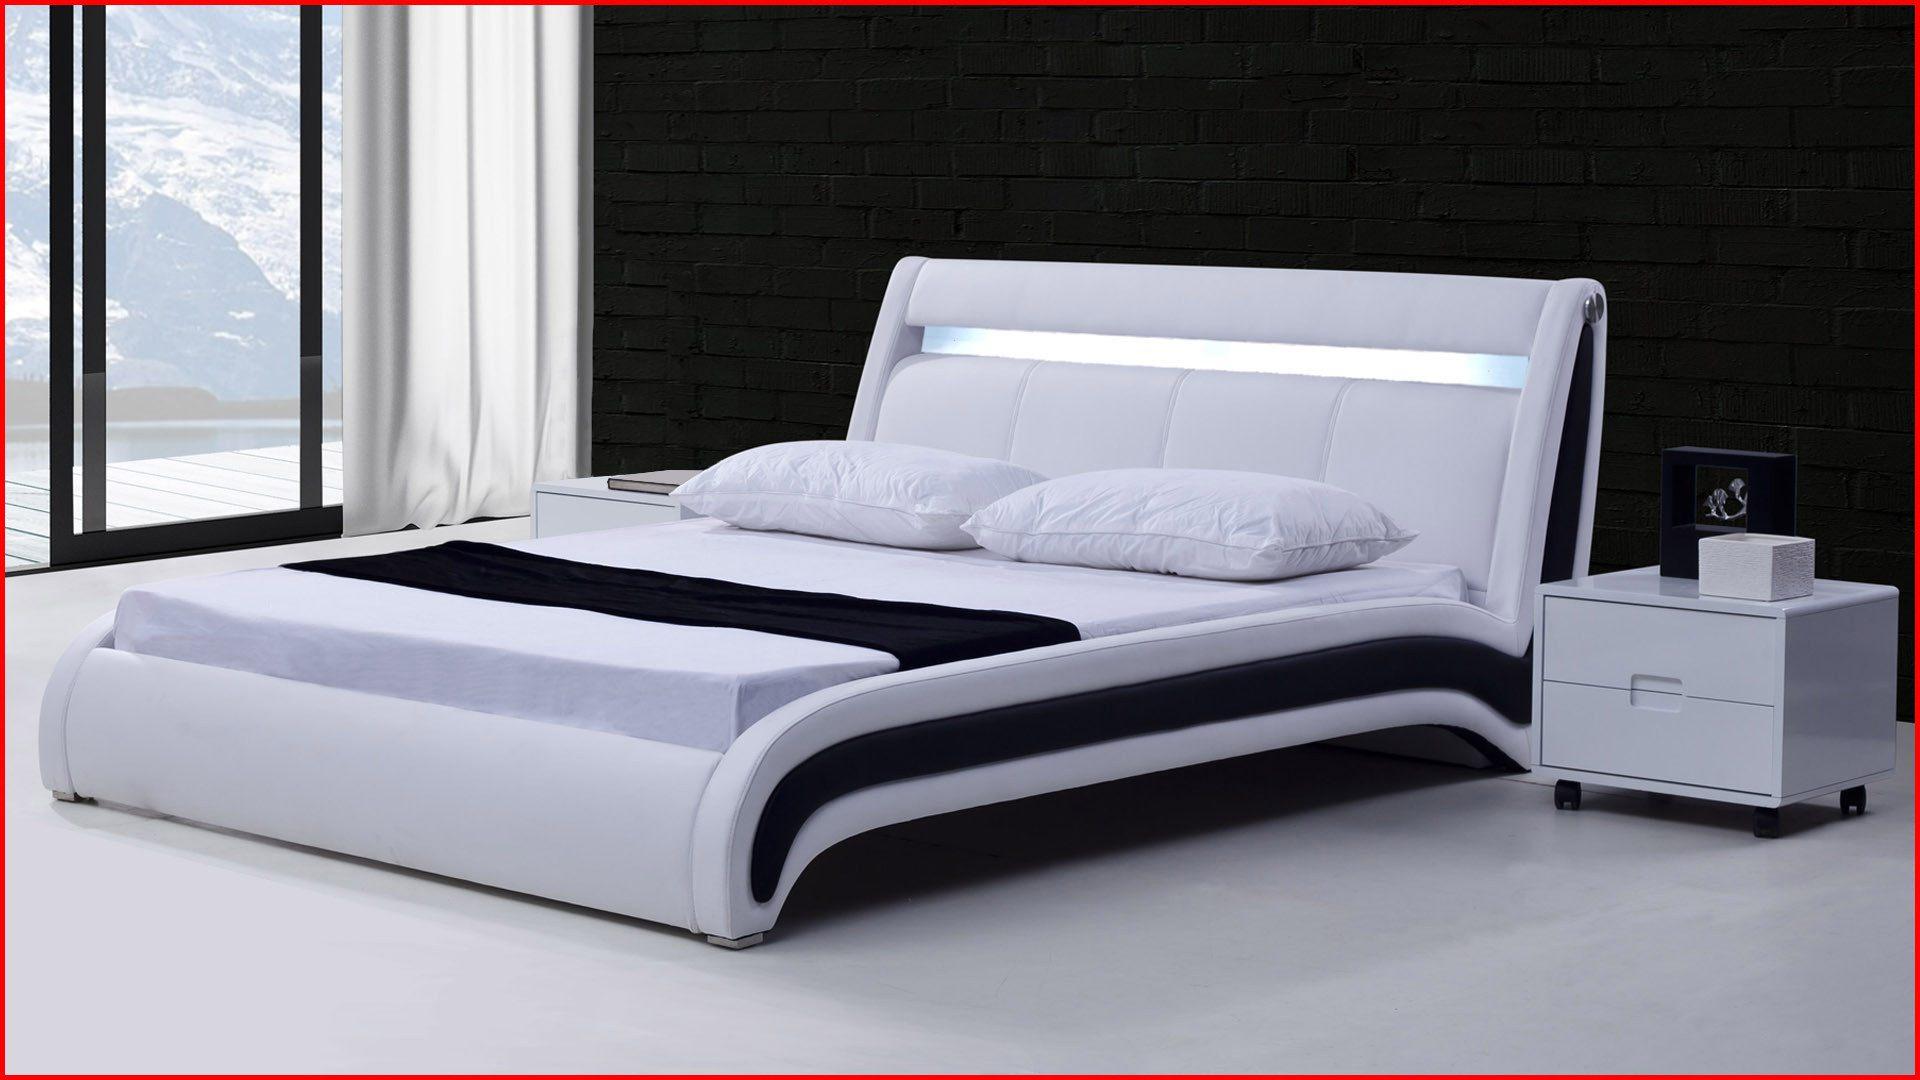 Lit 180x200 Coffre Le Luxe Lit 80 190 Matras 190 X 140 Inspirerende Bett 80—200 Ikea Schön Groß